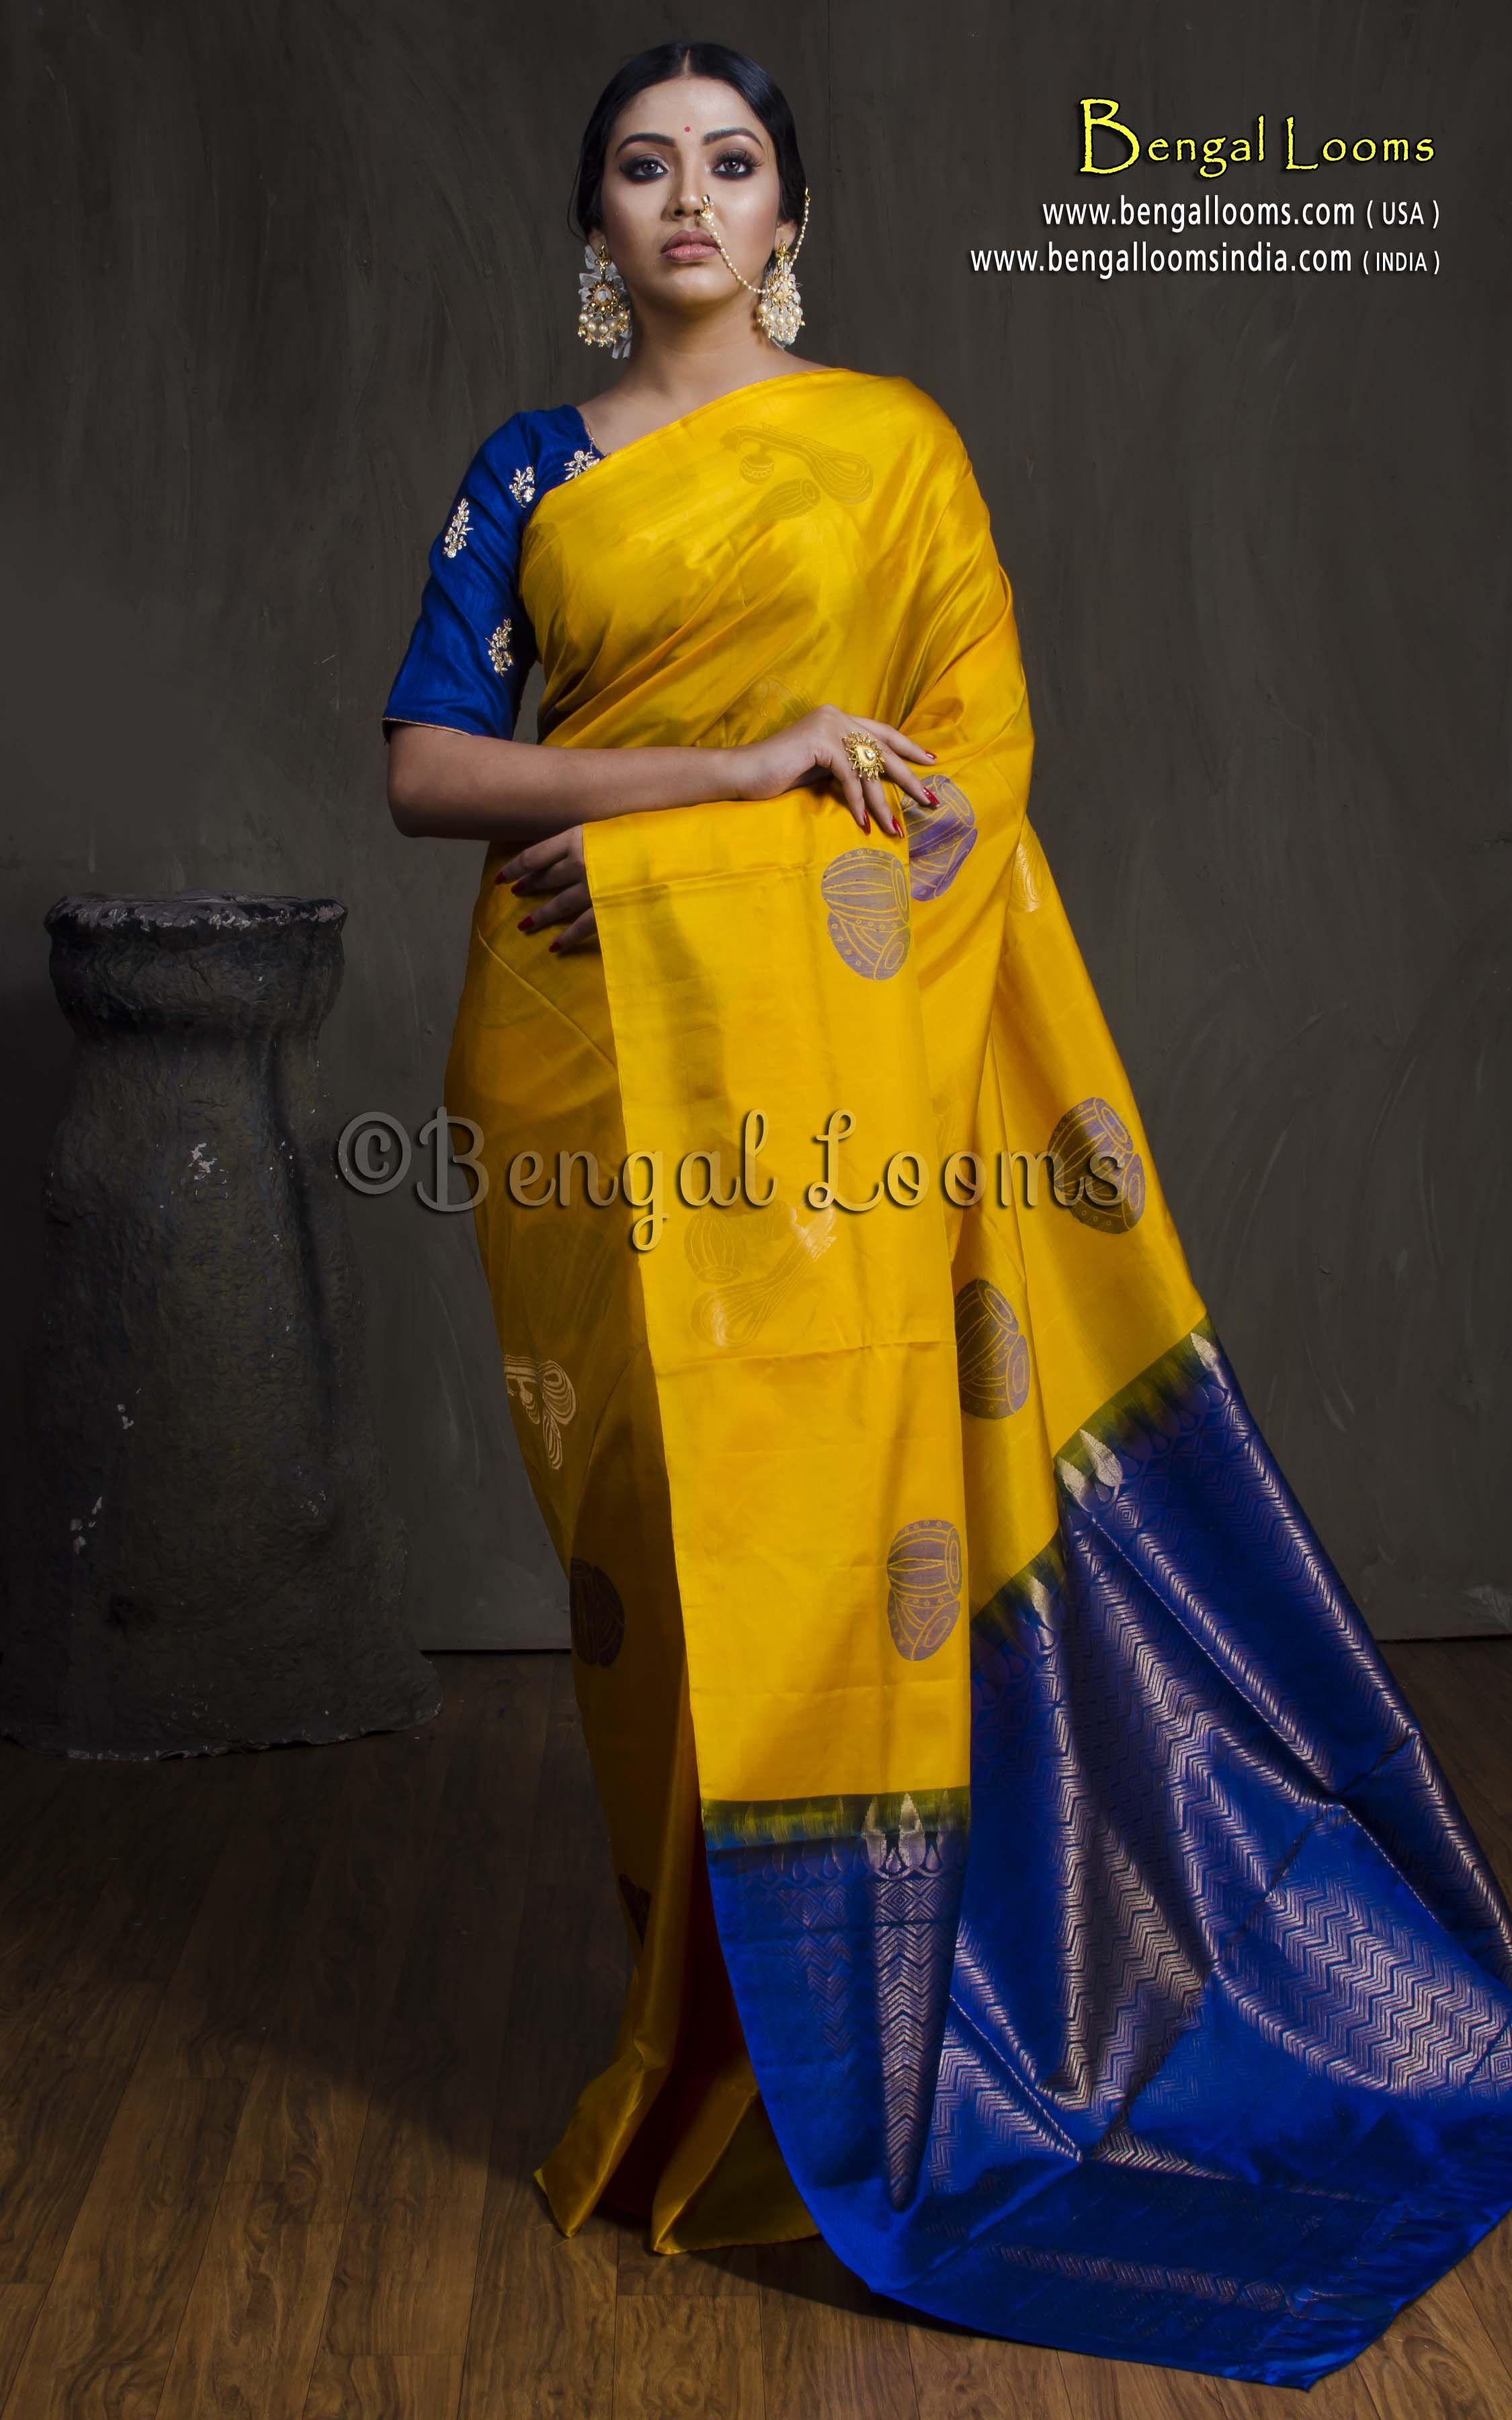 Kanchipuram Silk Saree Blue Saree Golden Zari Work Indian clothing with Blouse wedding saree Indian Traditional Party Wear Saree For Women